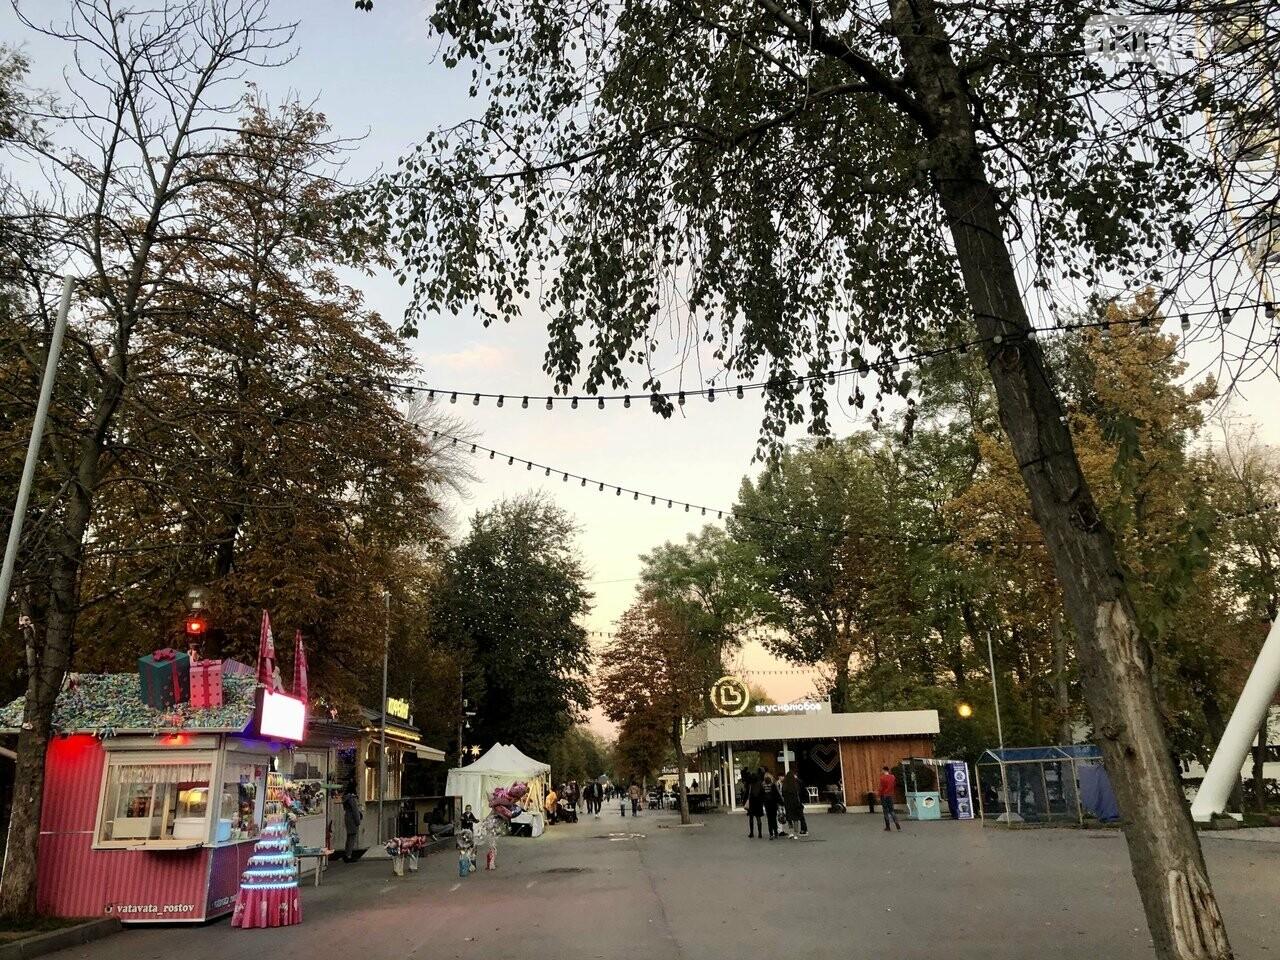 Концерт «Зверей», чёрная комедия и парки онлайн: афиша первомайских выходных в Ростове, фото-5